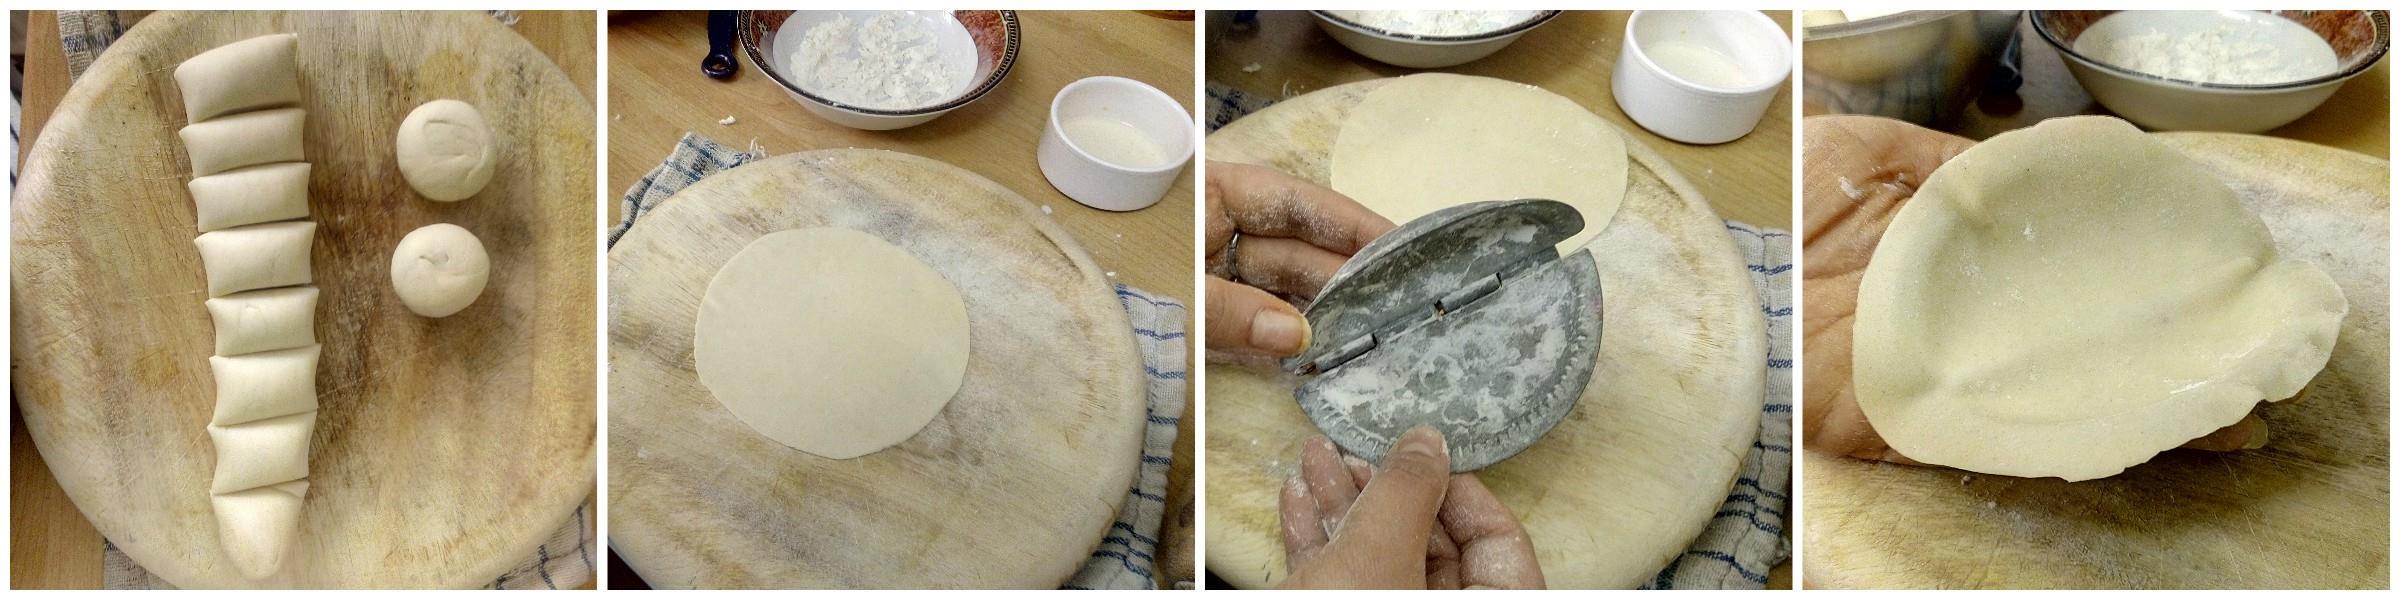 gujiya recipe step 3